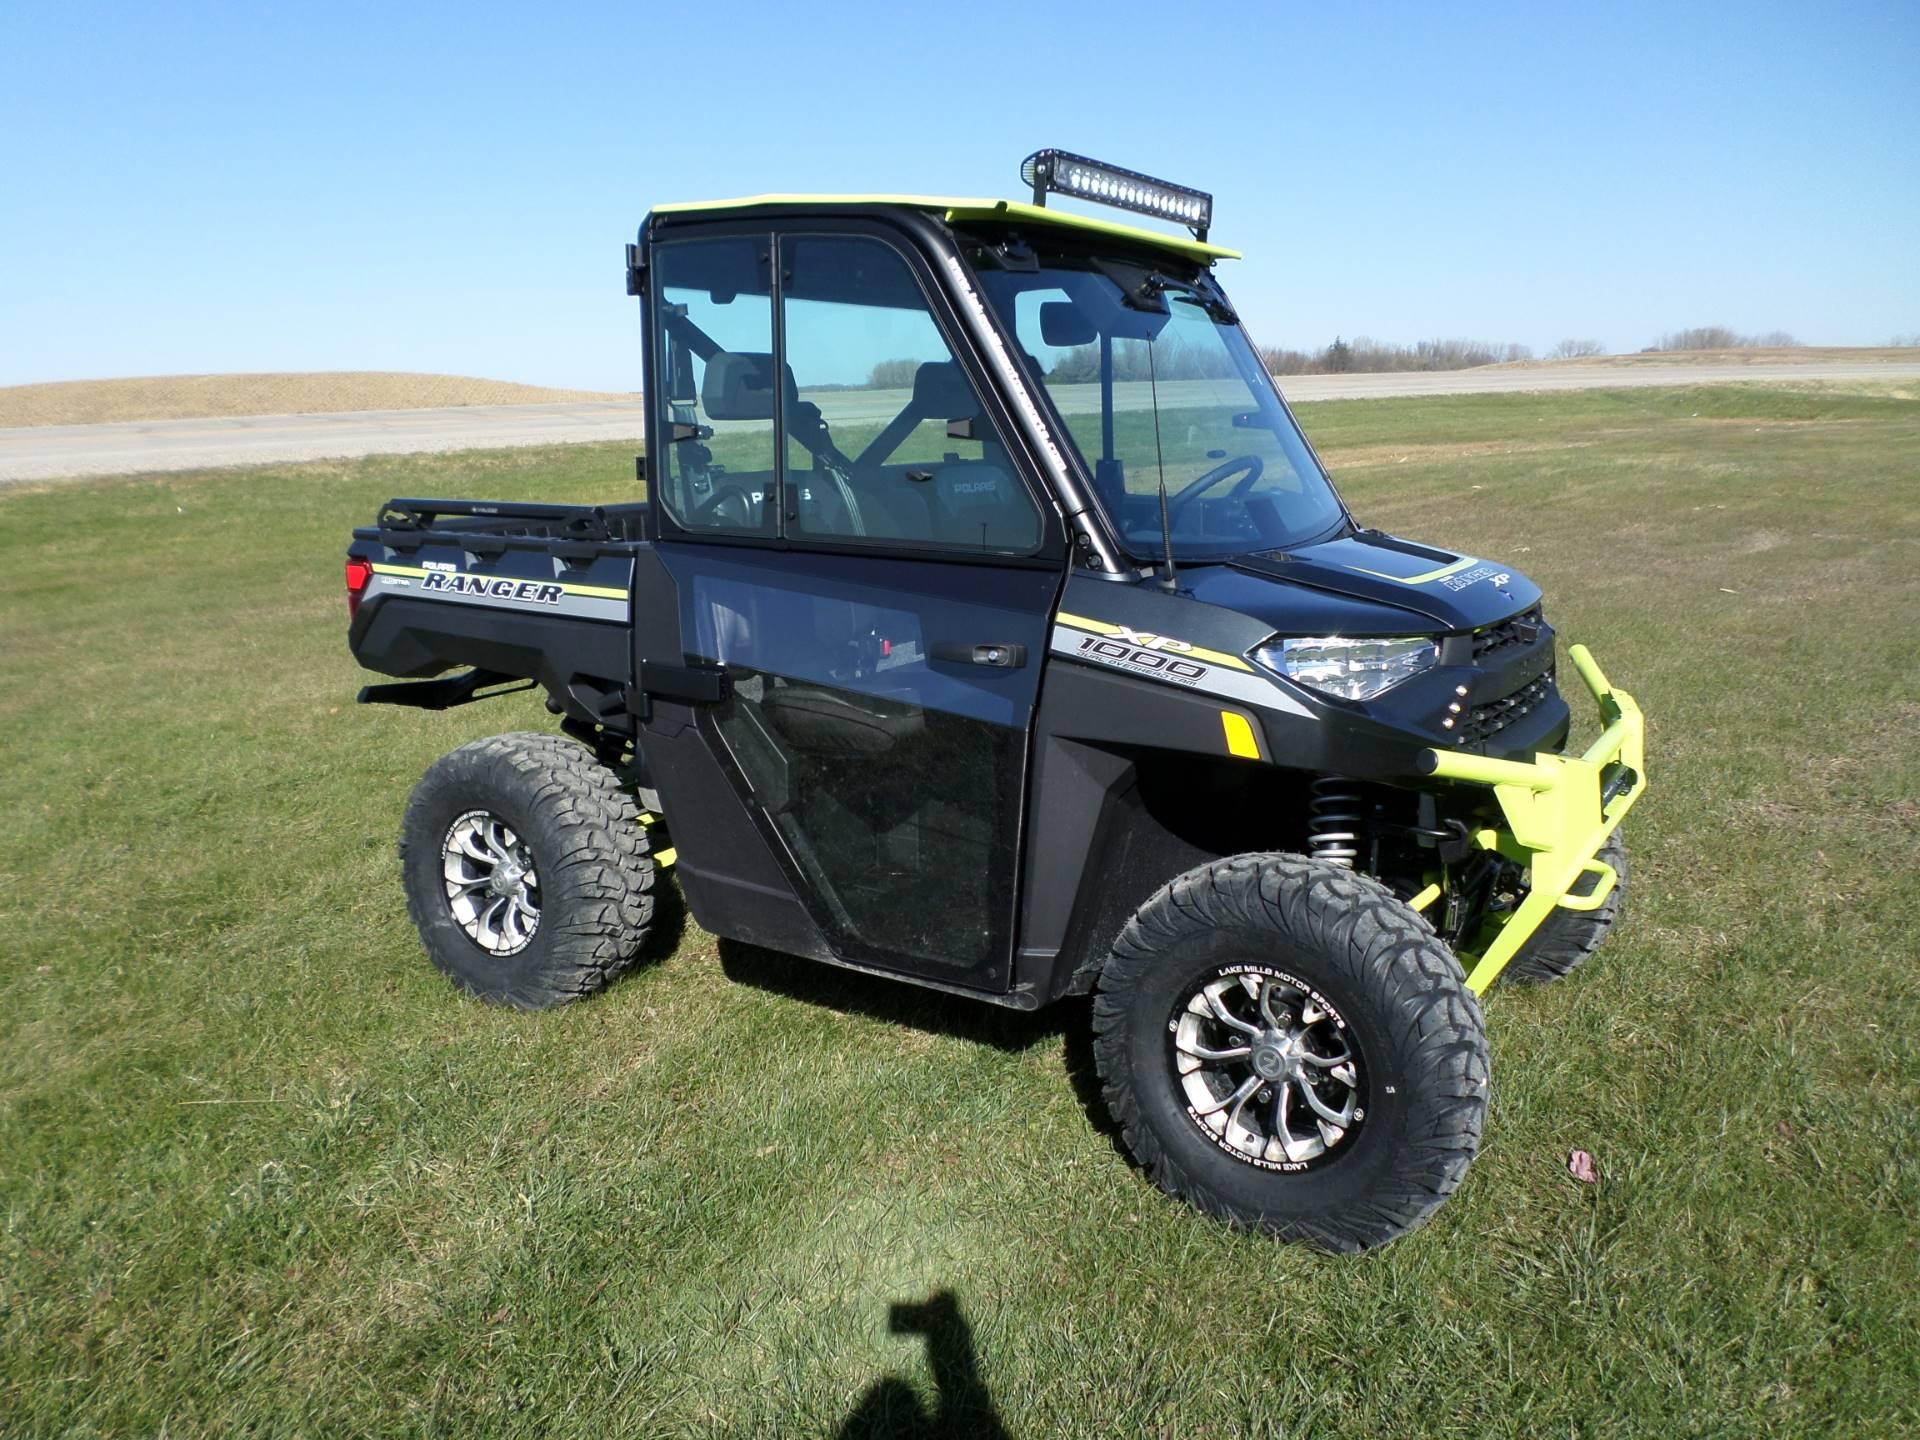 2019 Polaris Ranger XP 1000 EPS Ride Command 4